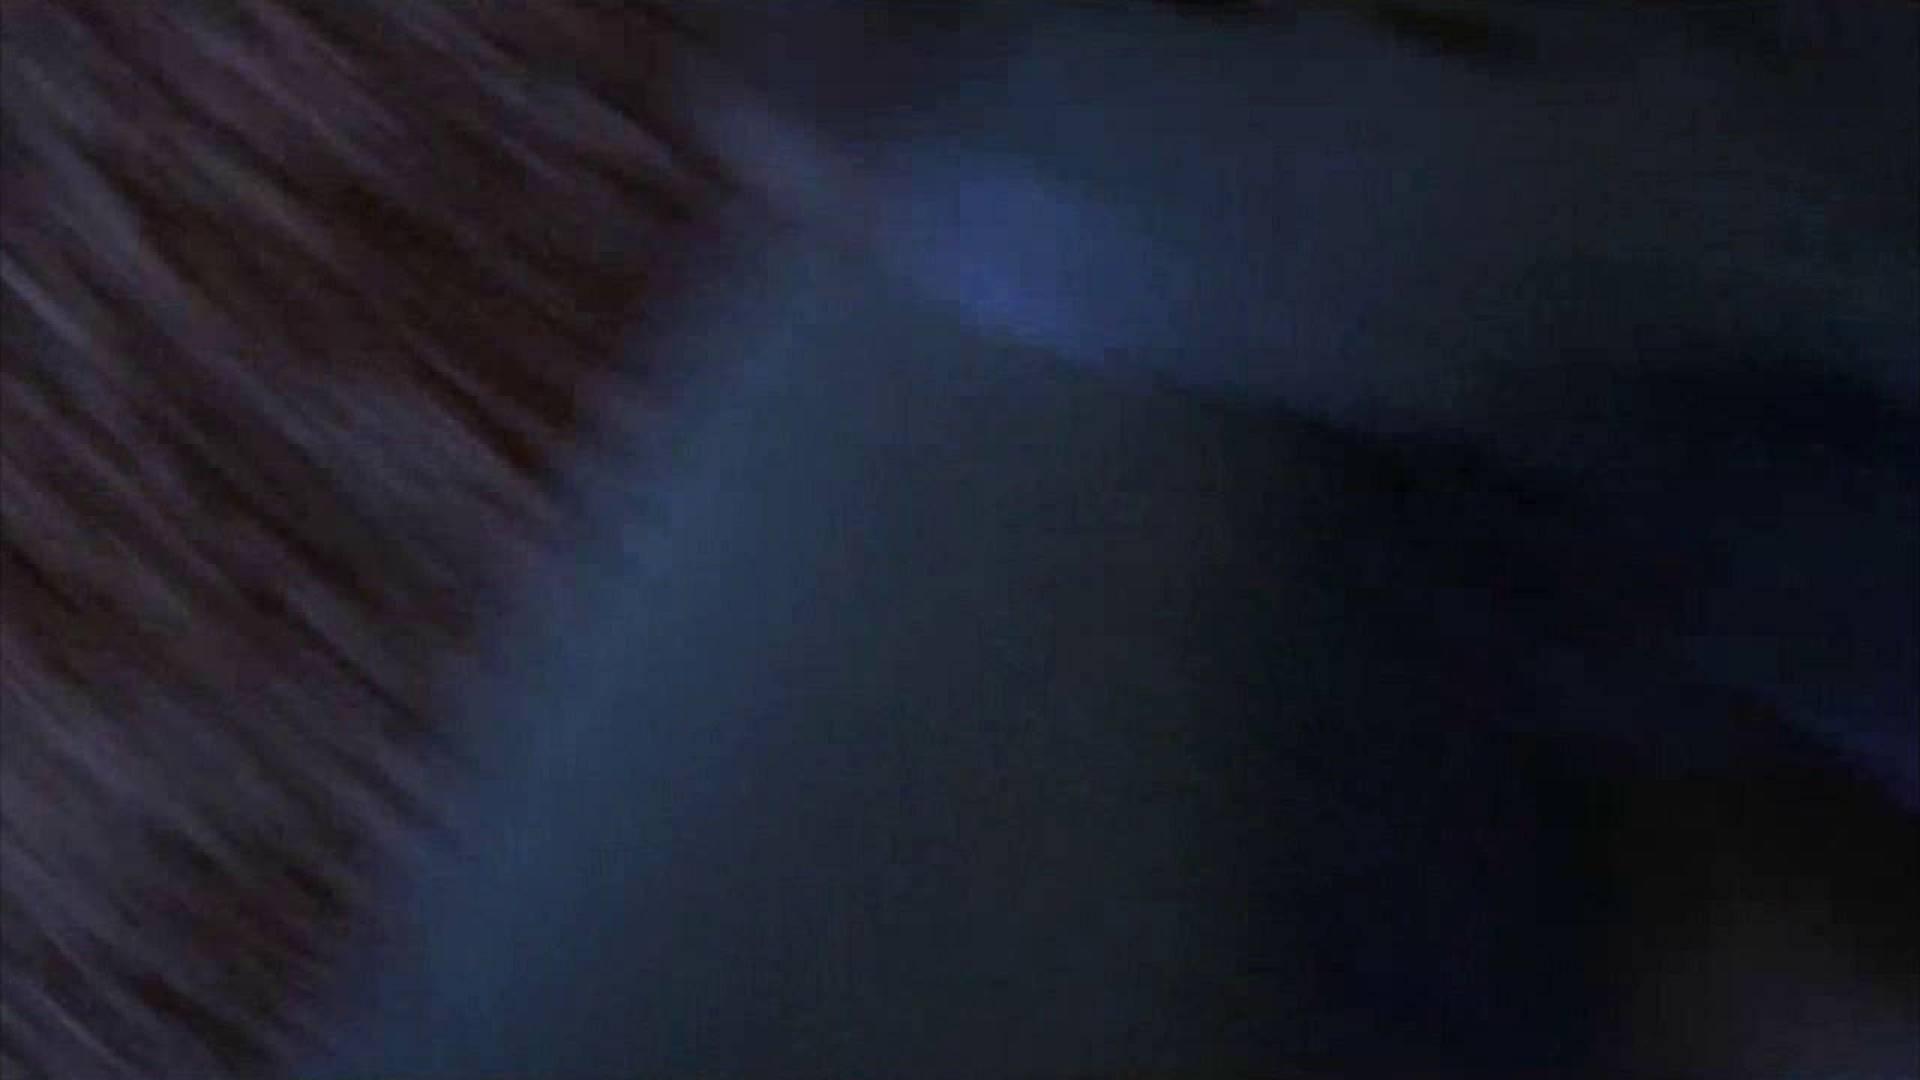 vol.6 -後編-ユリナちゃん妊娠したら責任取るからね・・・【MKB44位】 フェラ・シーン ヌード画像 105枚 70